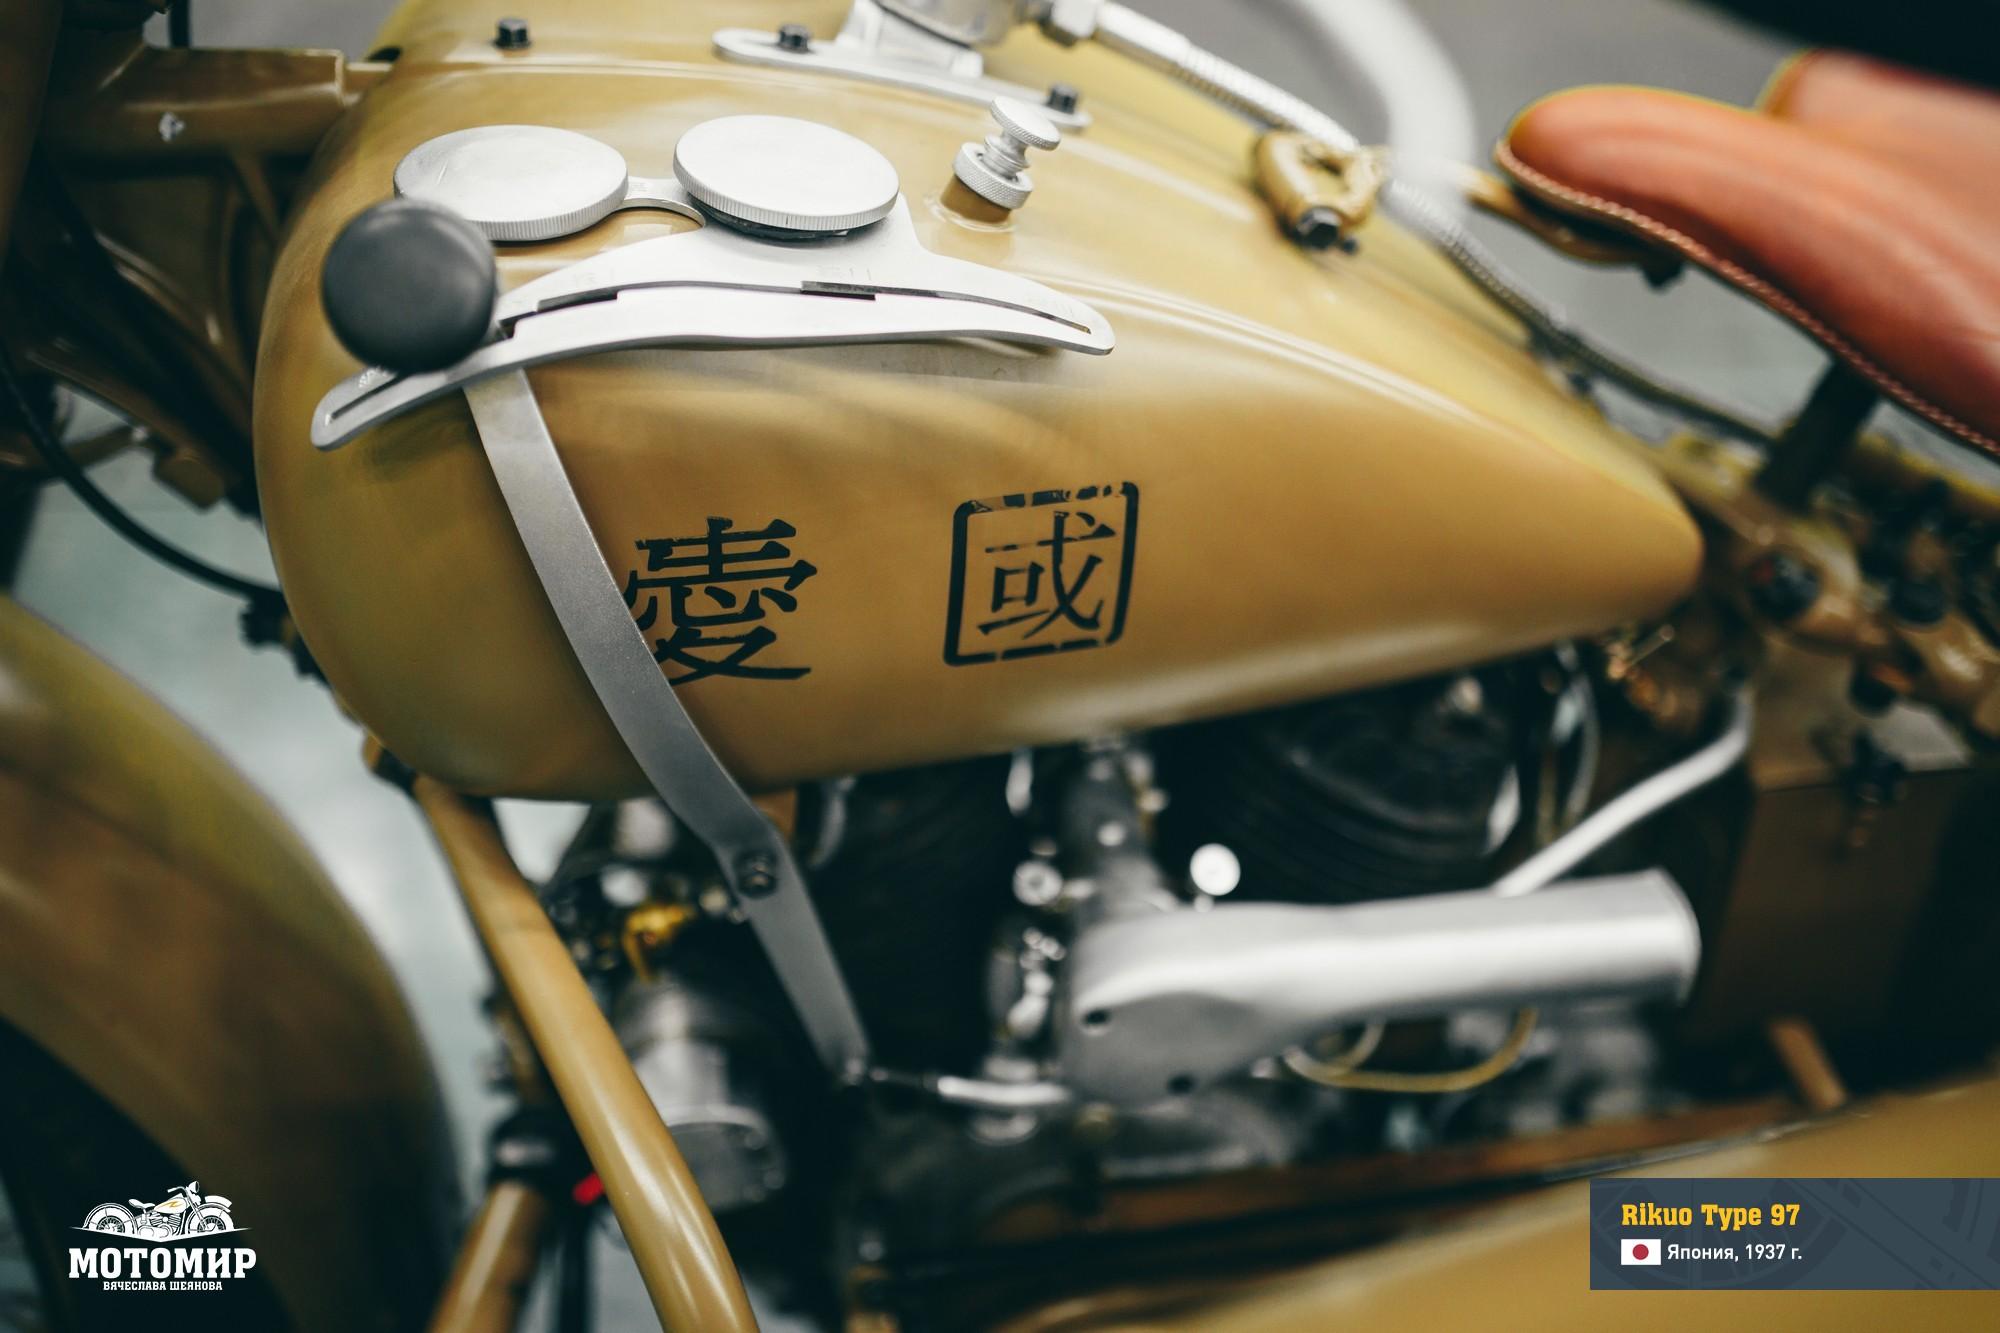 rikuo-1937-201512-web-31